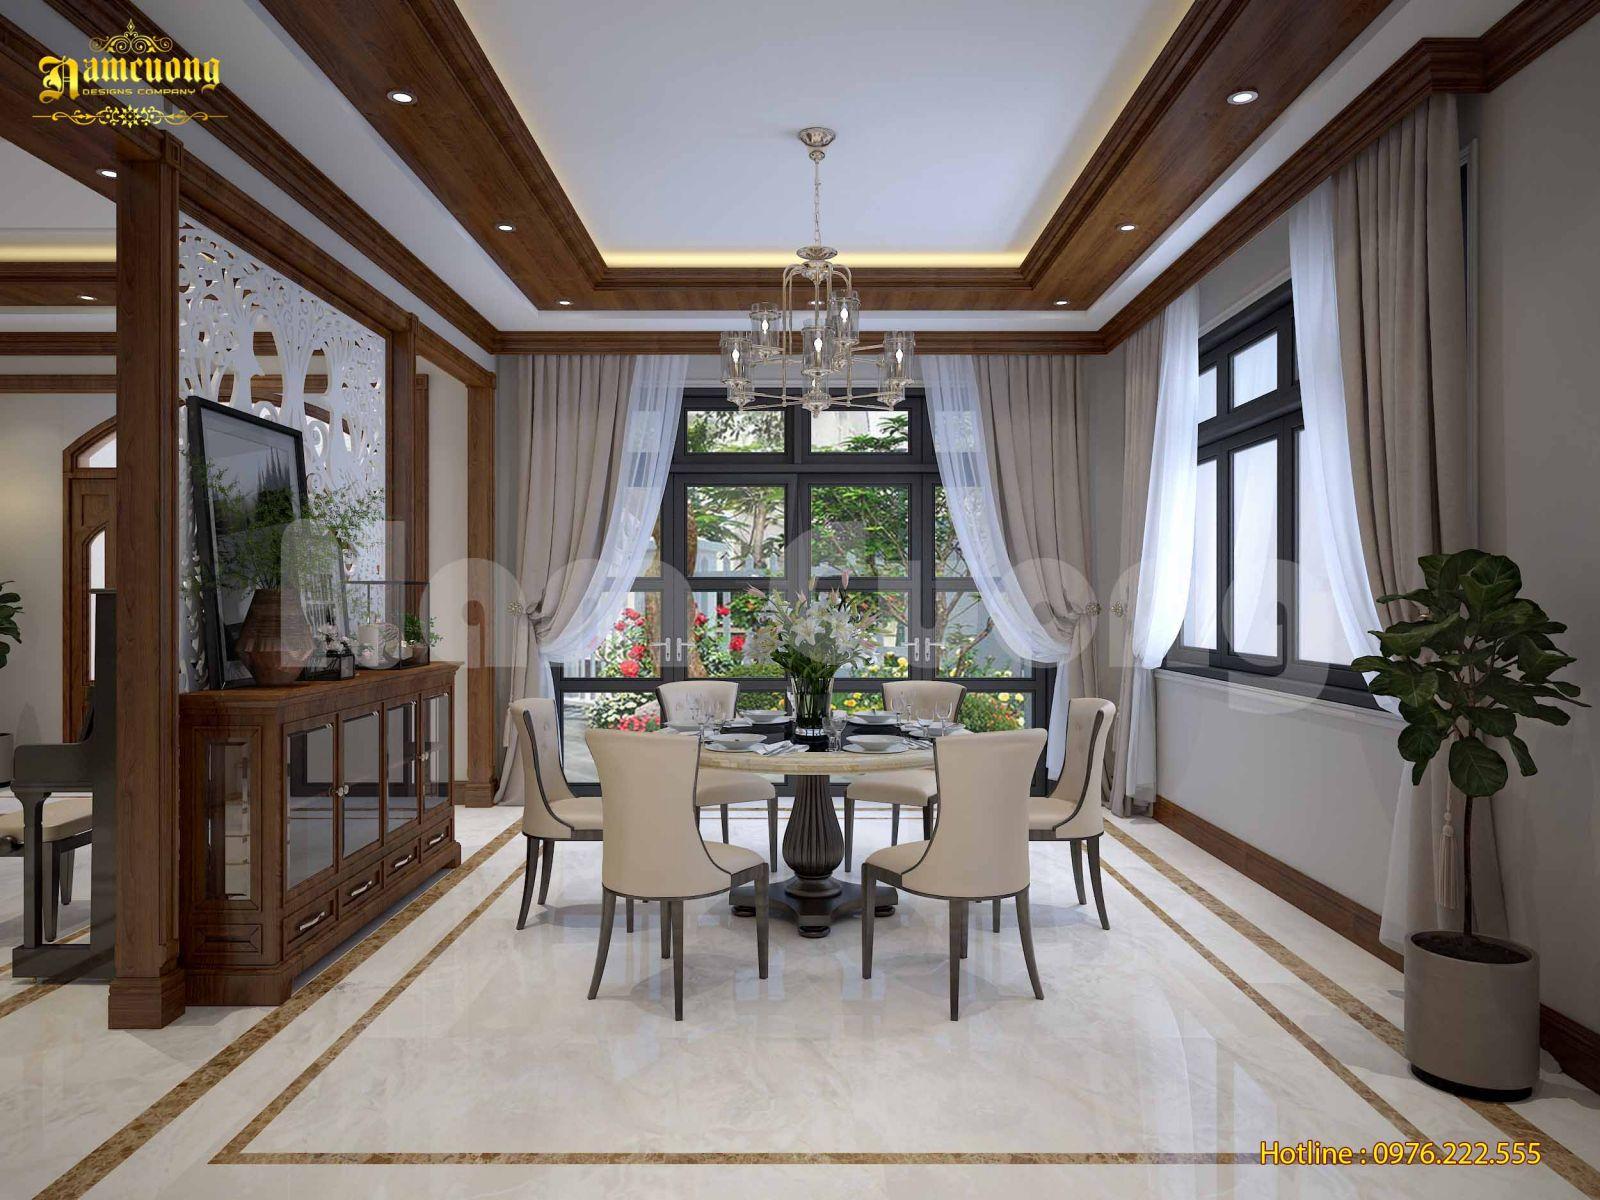 Mẫu thiết kế nội thất tân cổ điển cho nhà đẹp 3 tầng